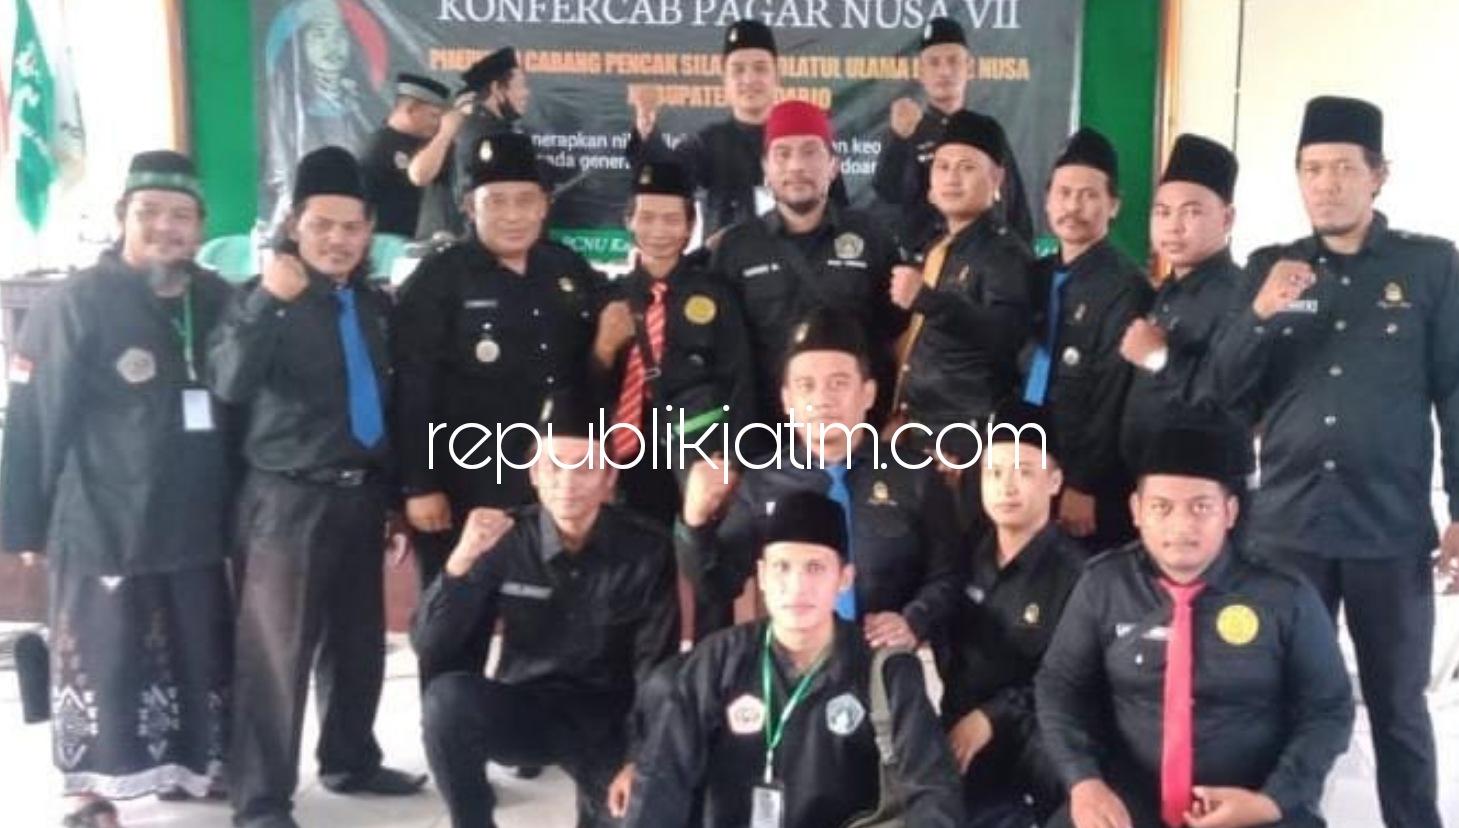 Hari Purwono Terpilih Jadi Ketua Pagar Nusa Sidoarjo